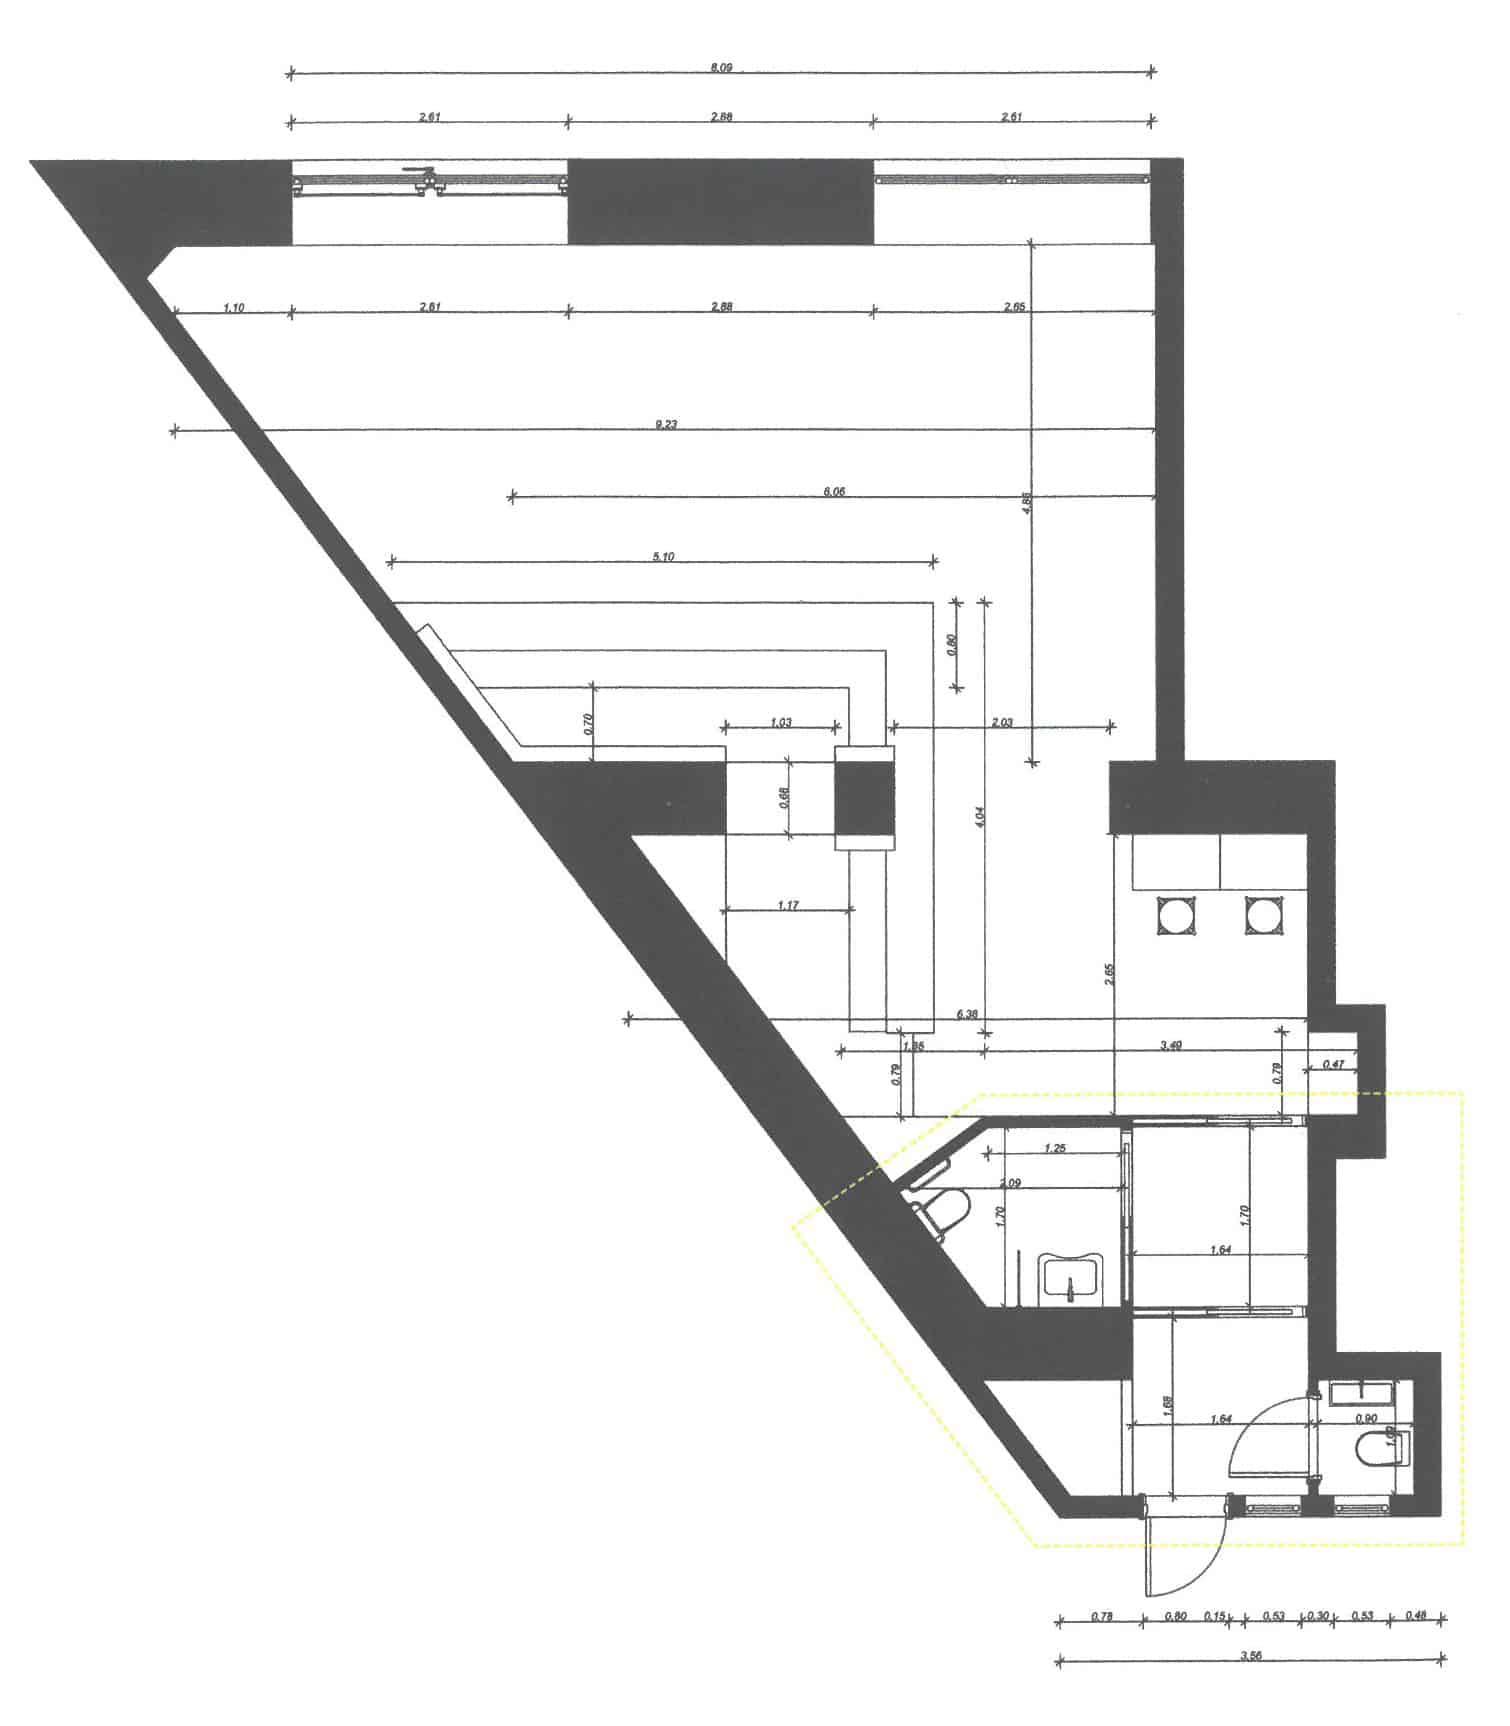 Planimetria Circolino